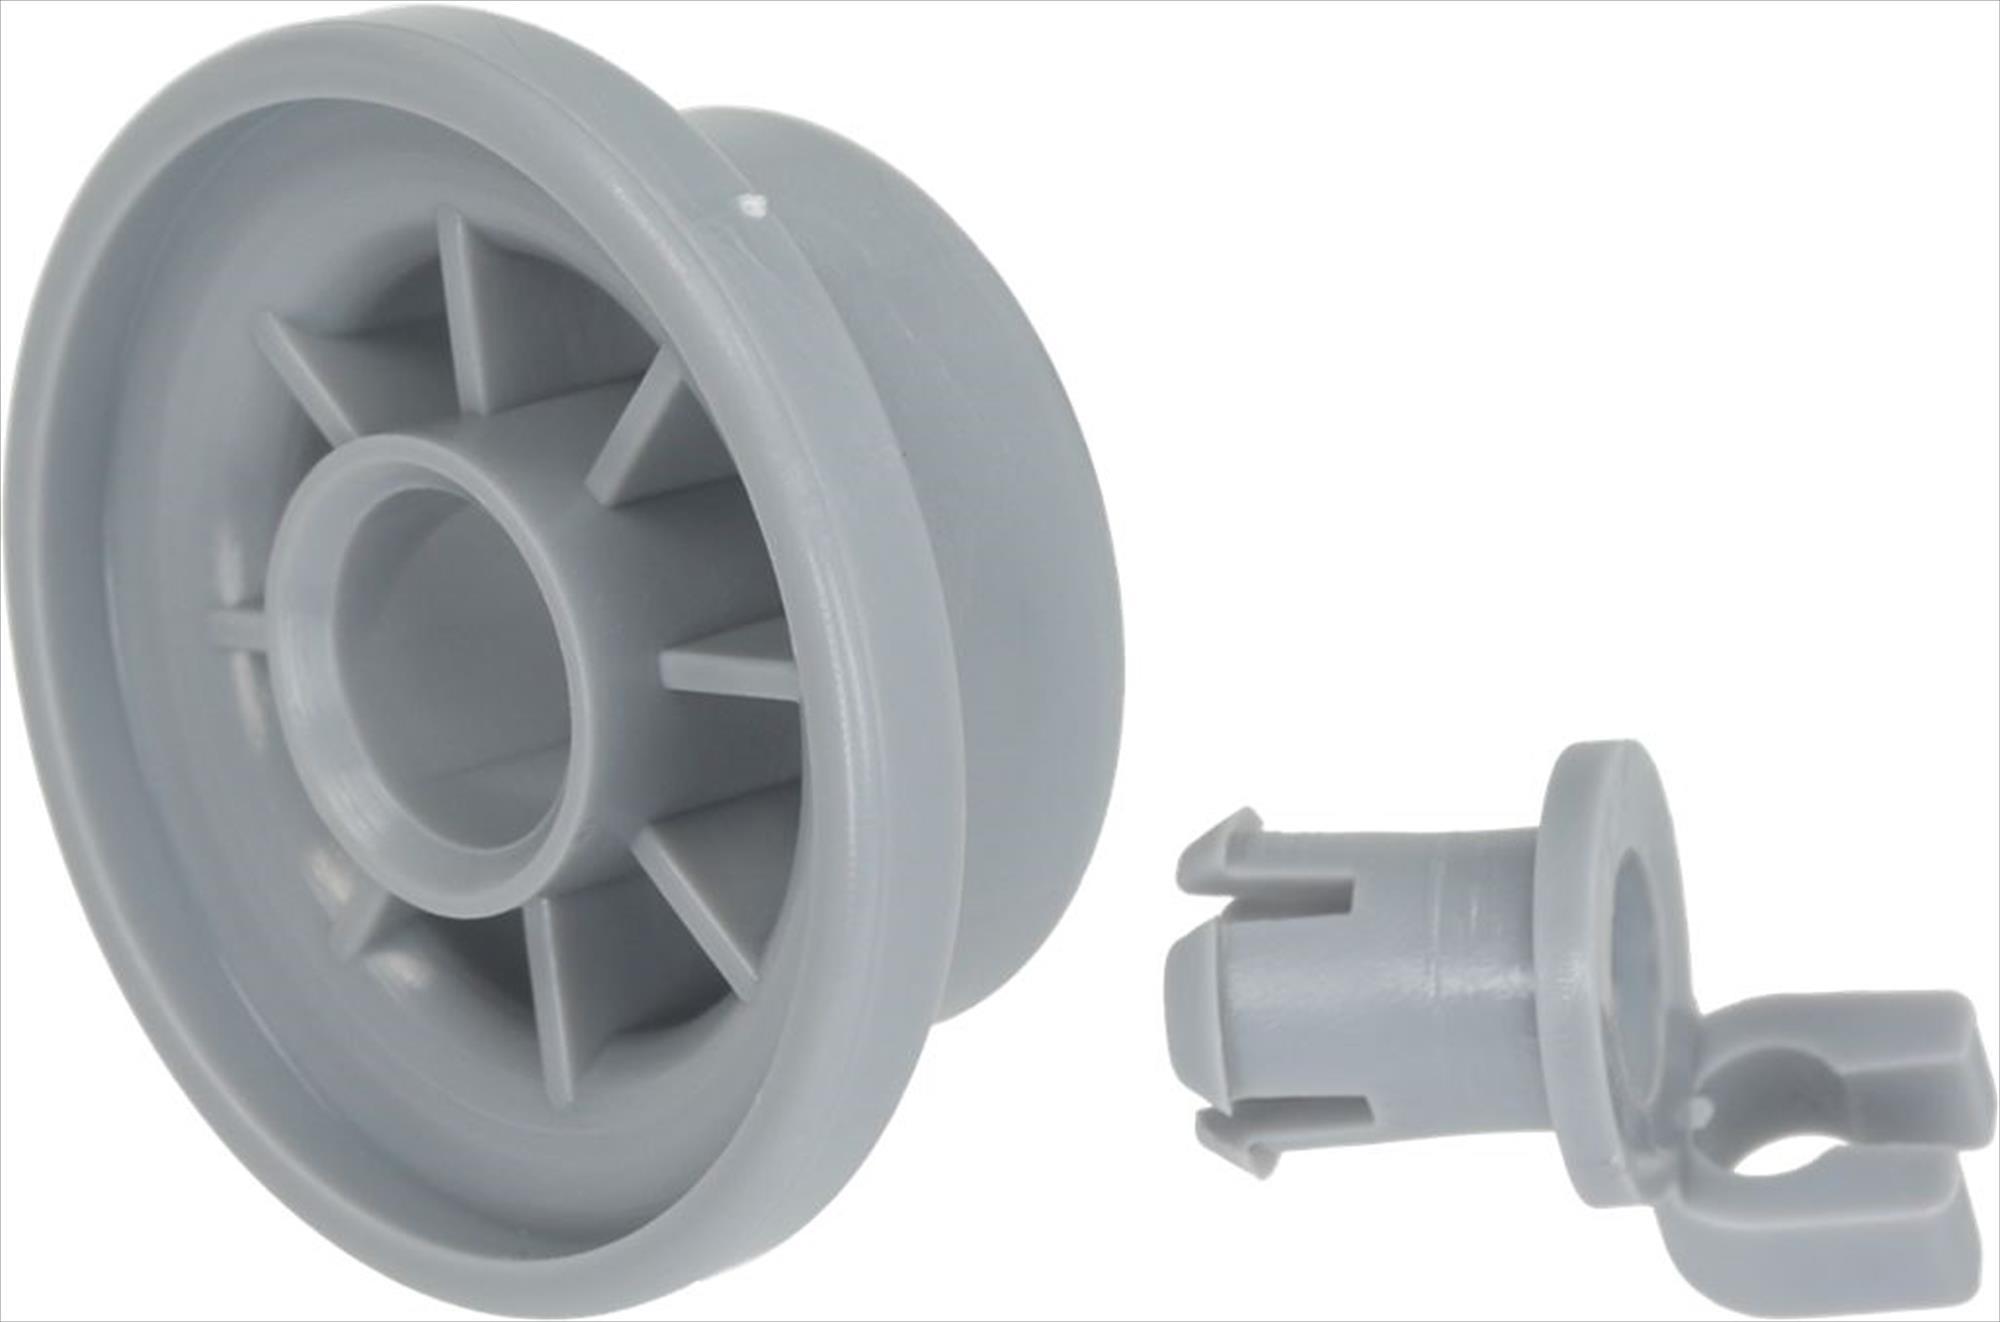 Ravizo wieltje voor onderkorf Bosch, Siemens vaatwasser 00165314, 165314